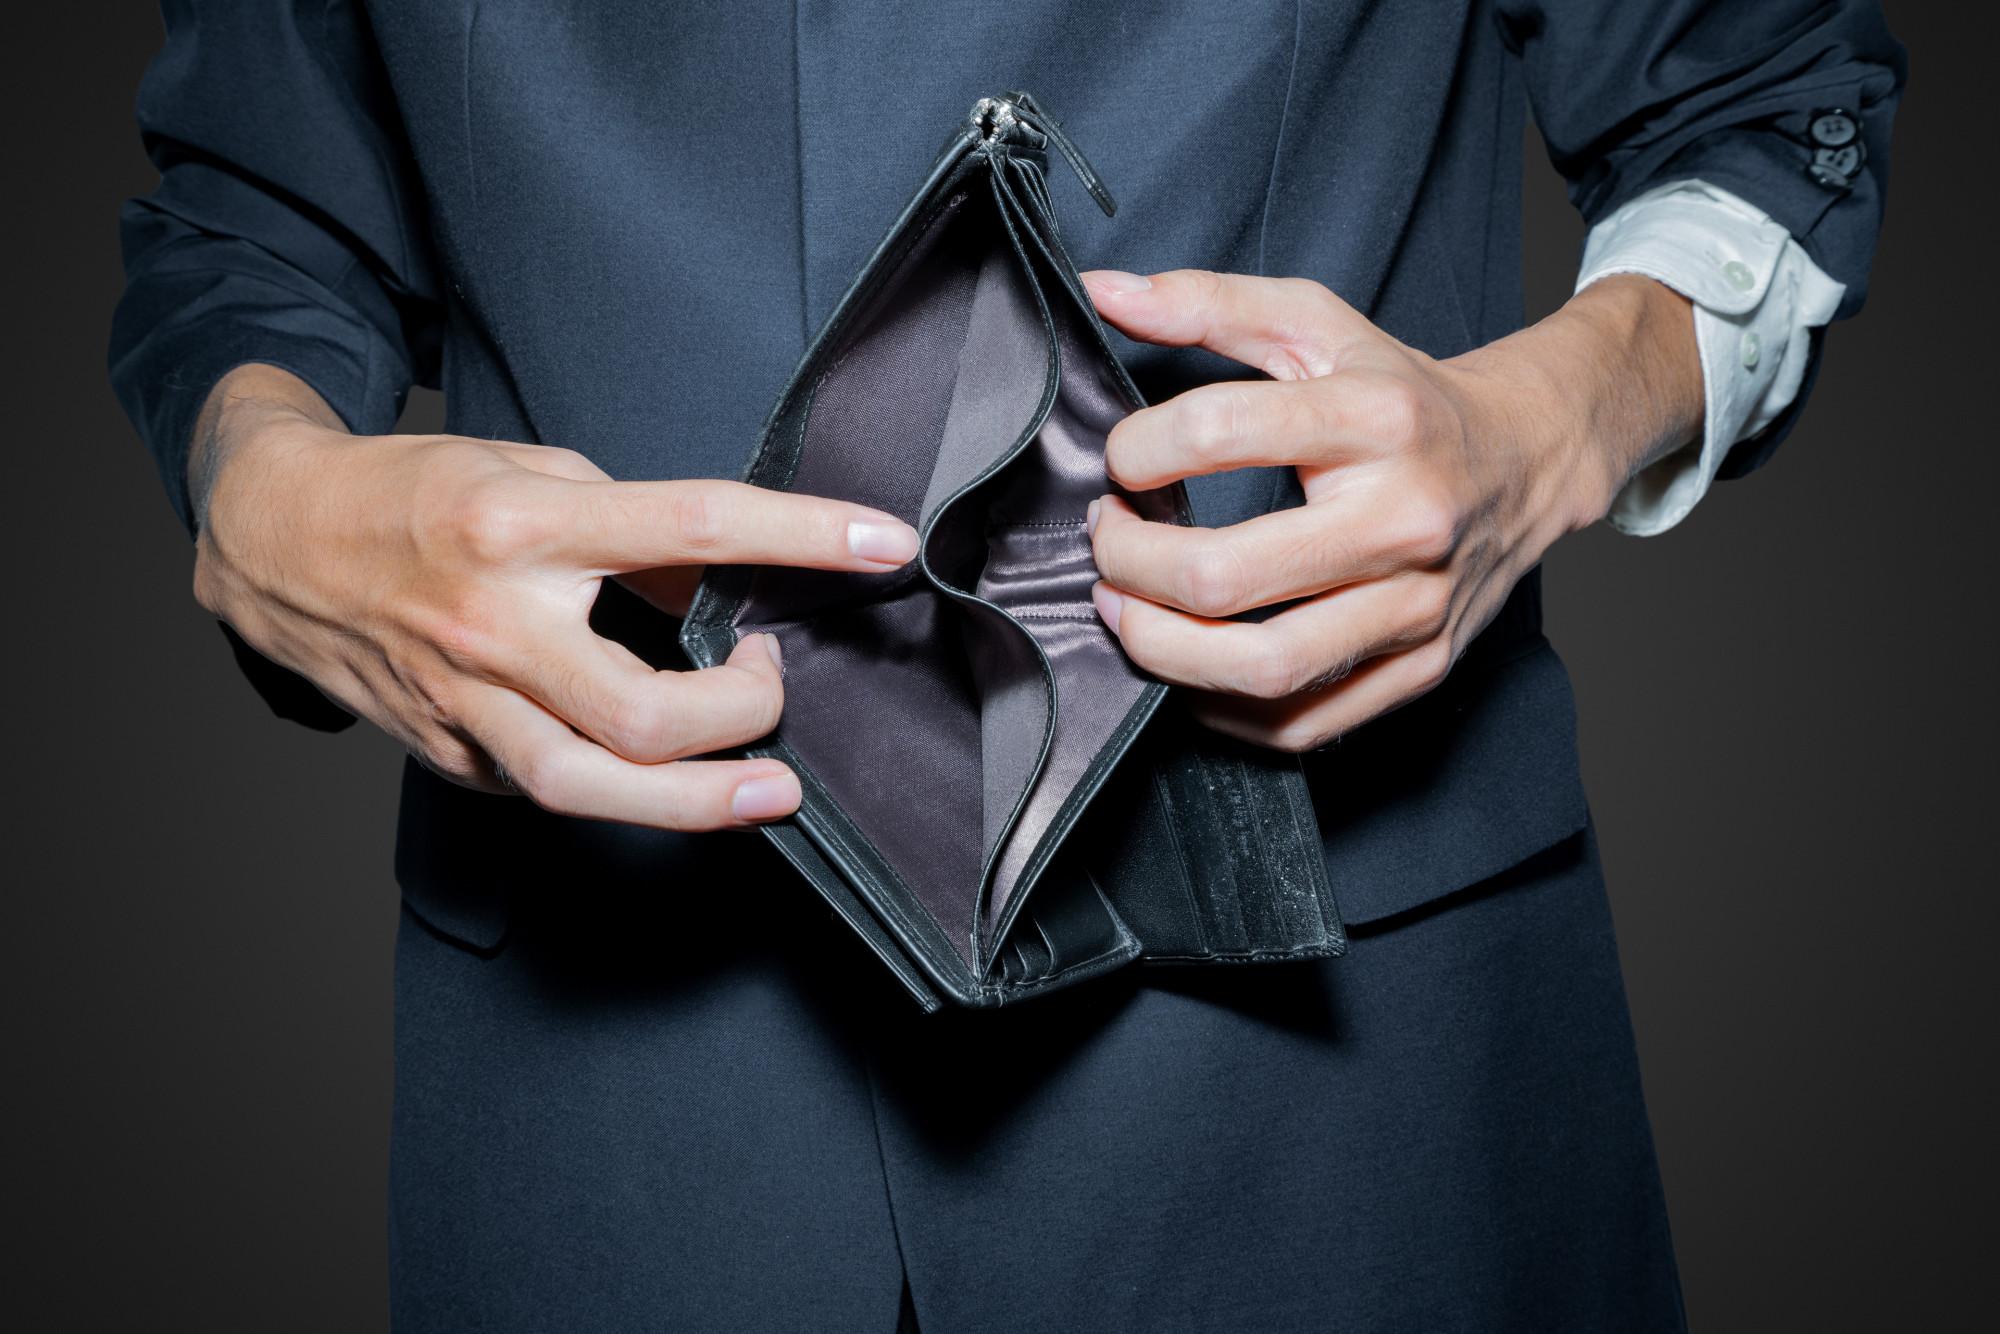 """全国首例""""个人破产""""!负债214万却只还3.2万,破产不用还债了吗?"""